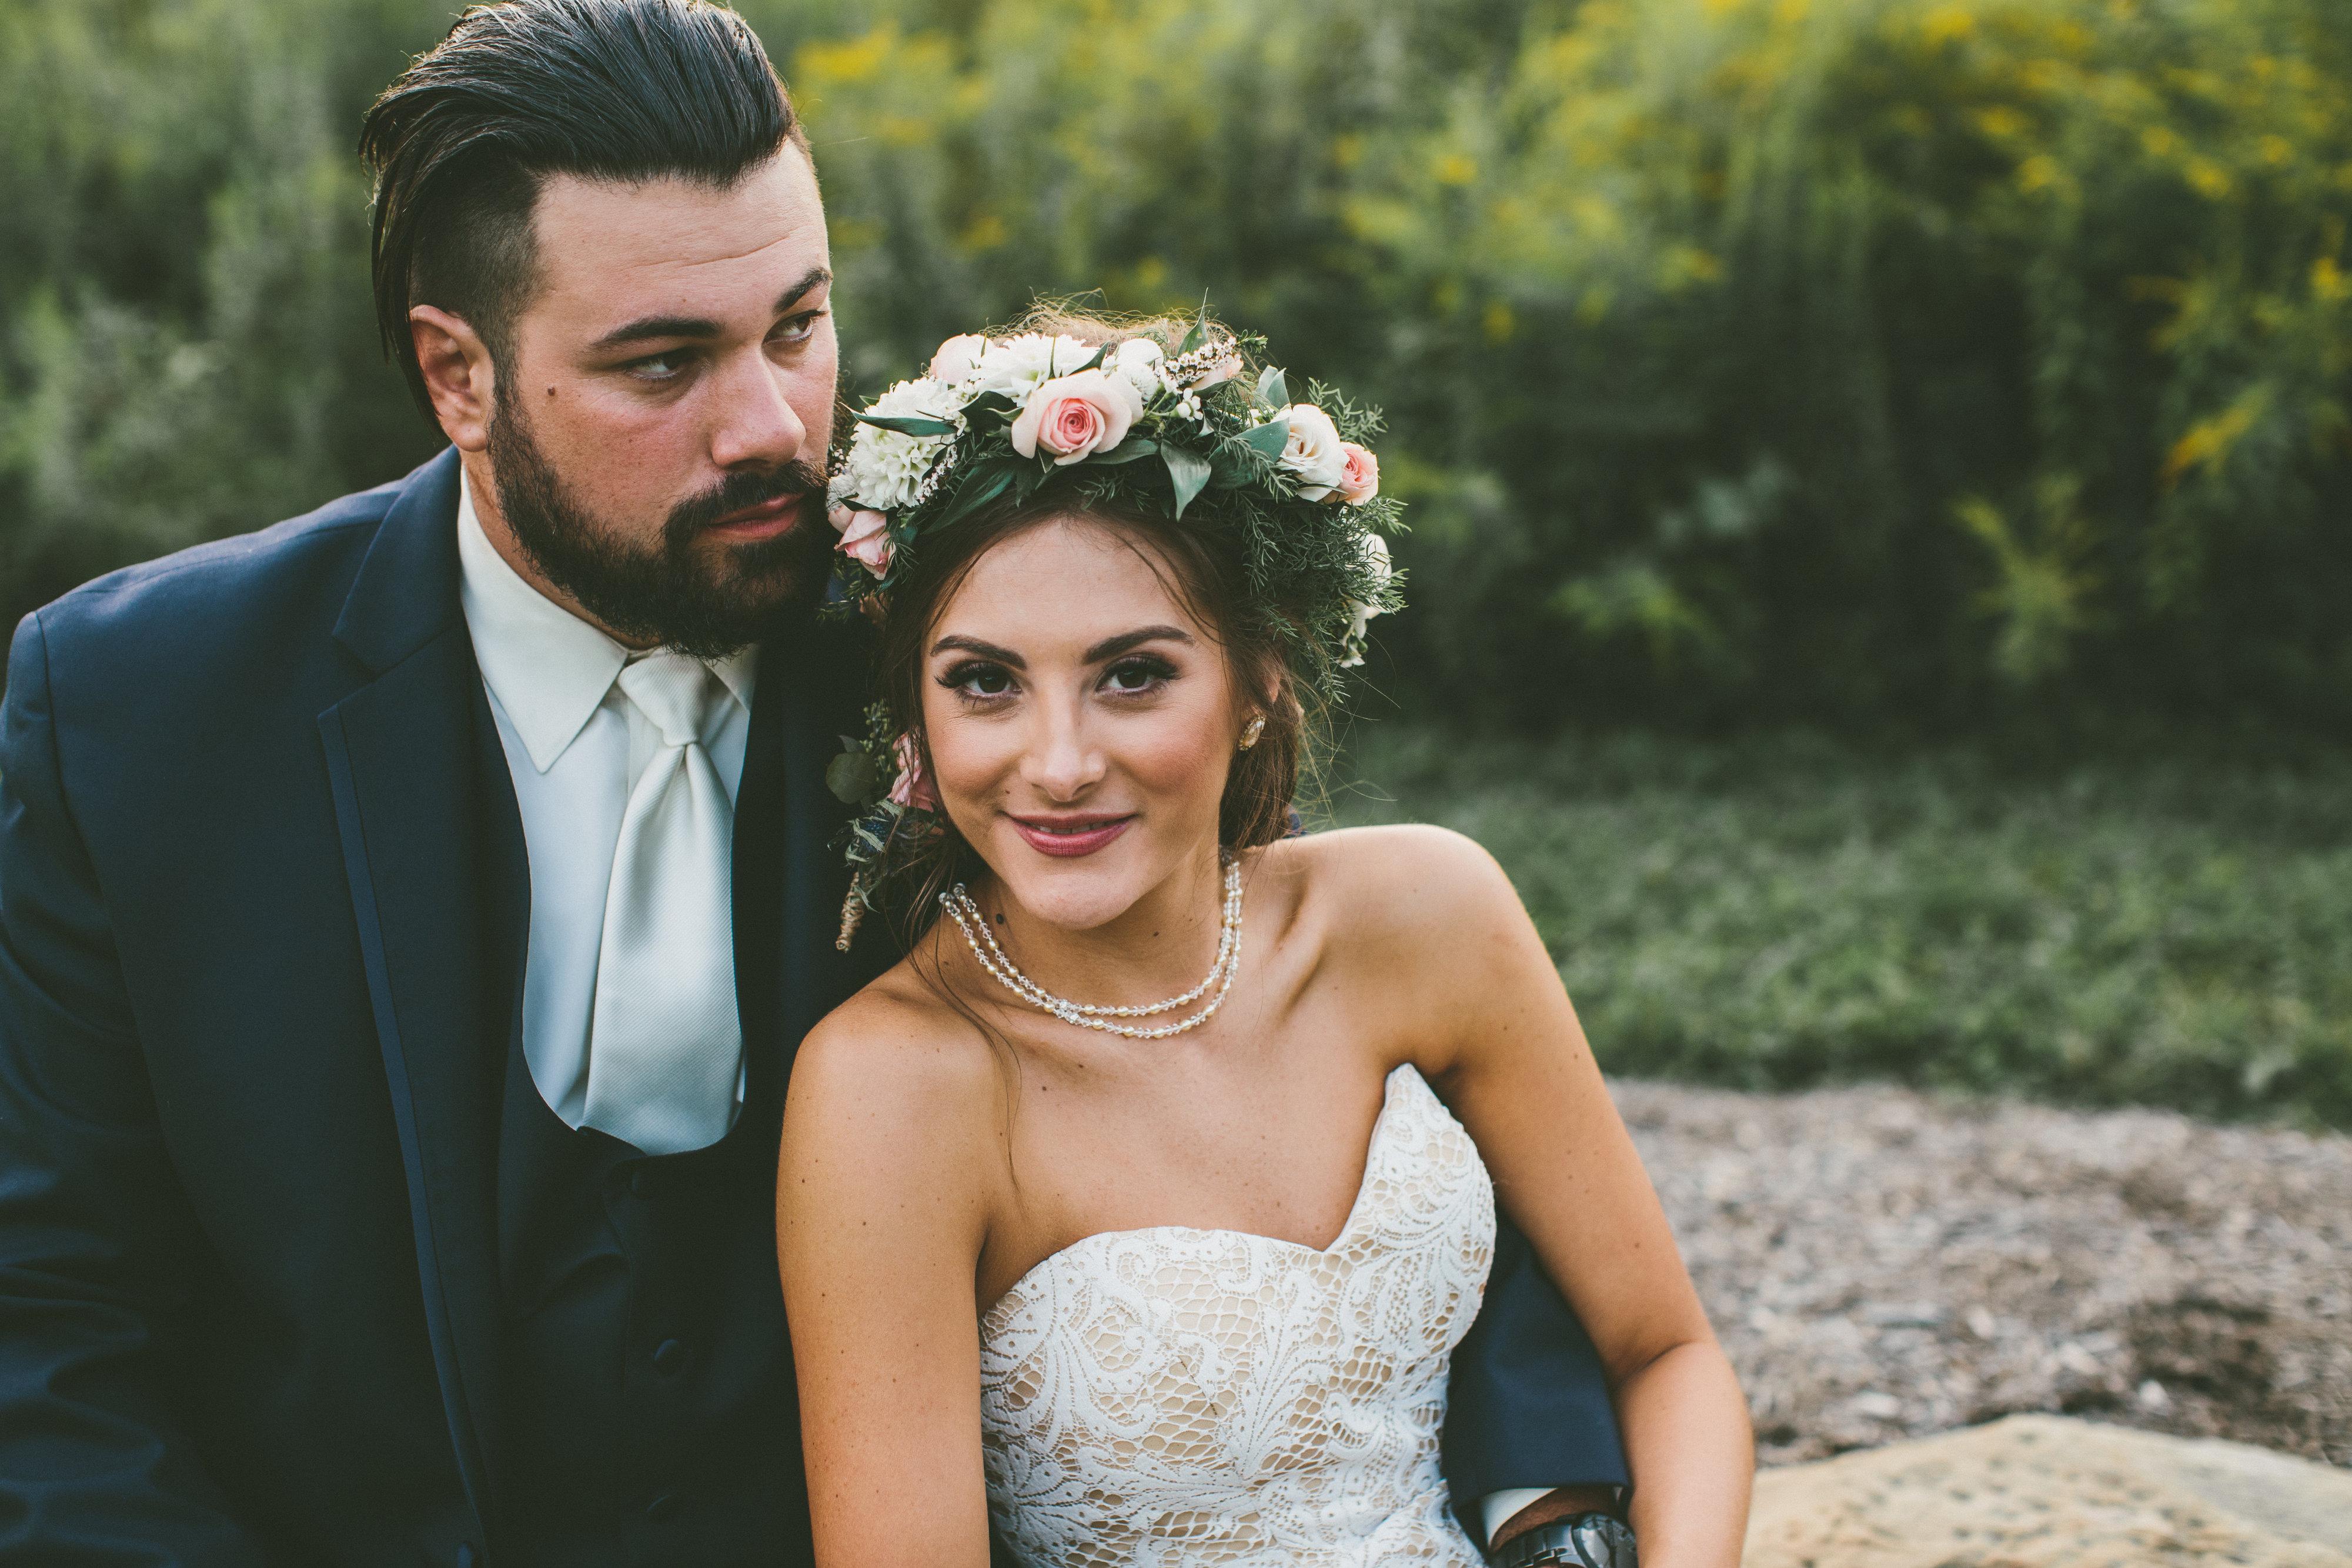 Bridal water lily 2226 wedding dresses photos brides com - Real Bride Boho Bride Casablanca Bridal Flower Crown Boho Wedding Casablanca Bridal